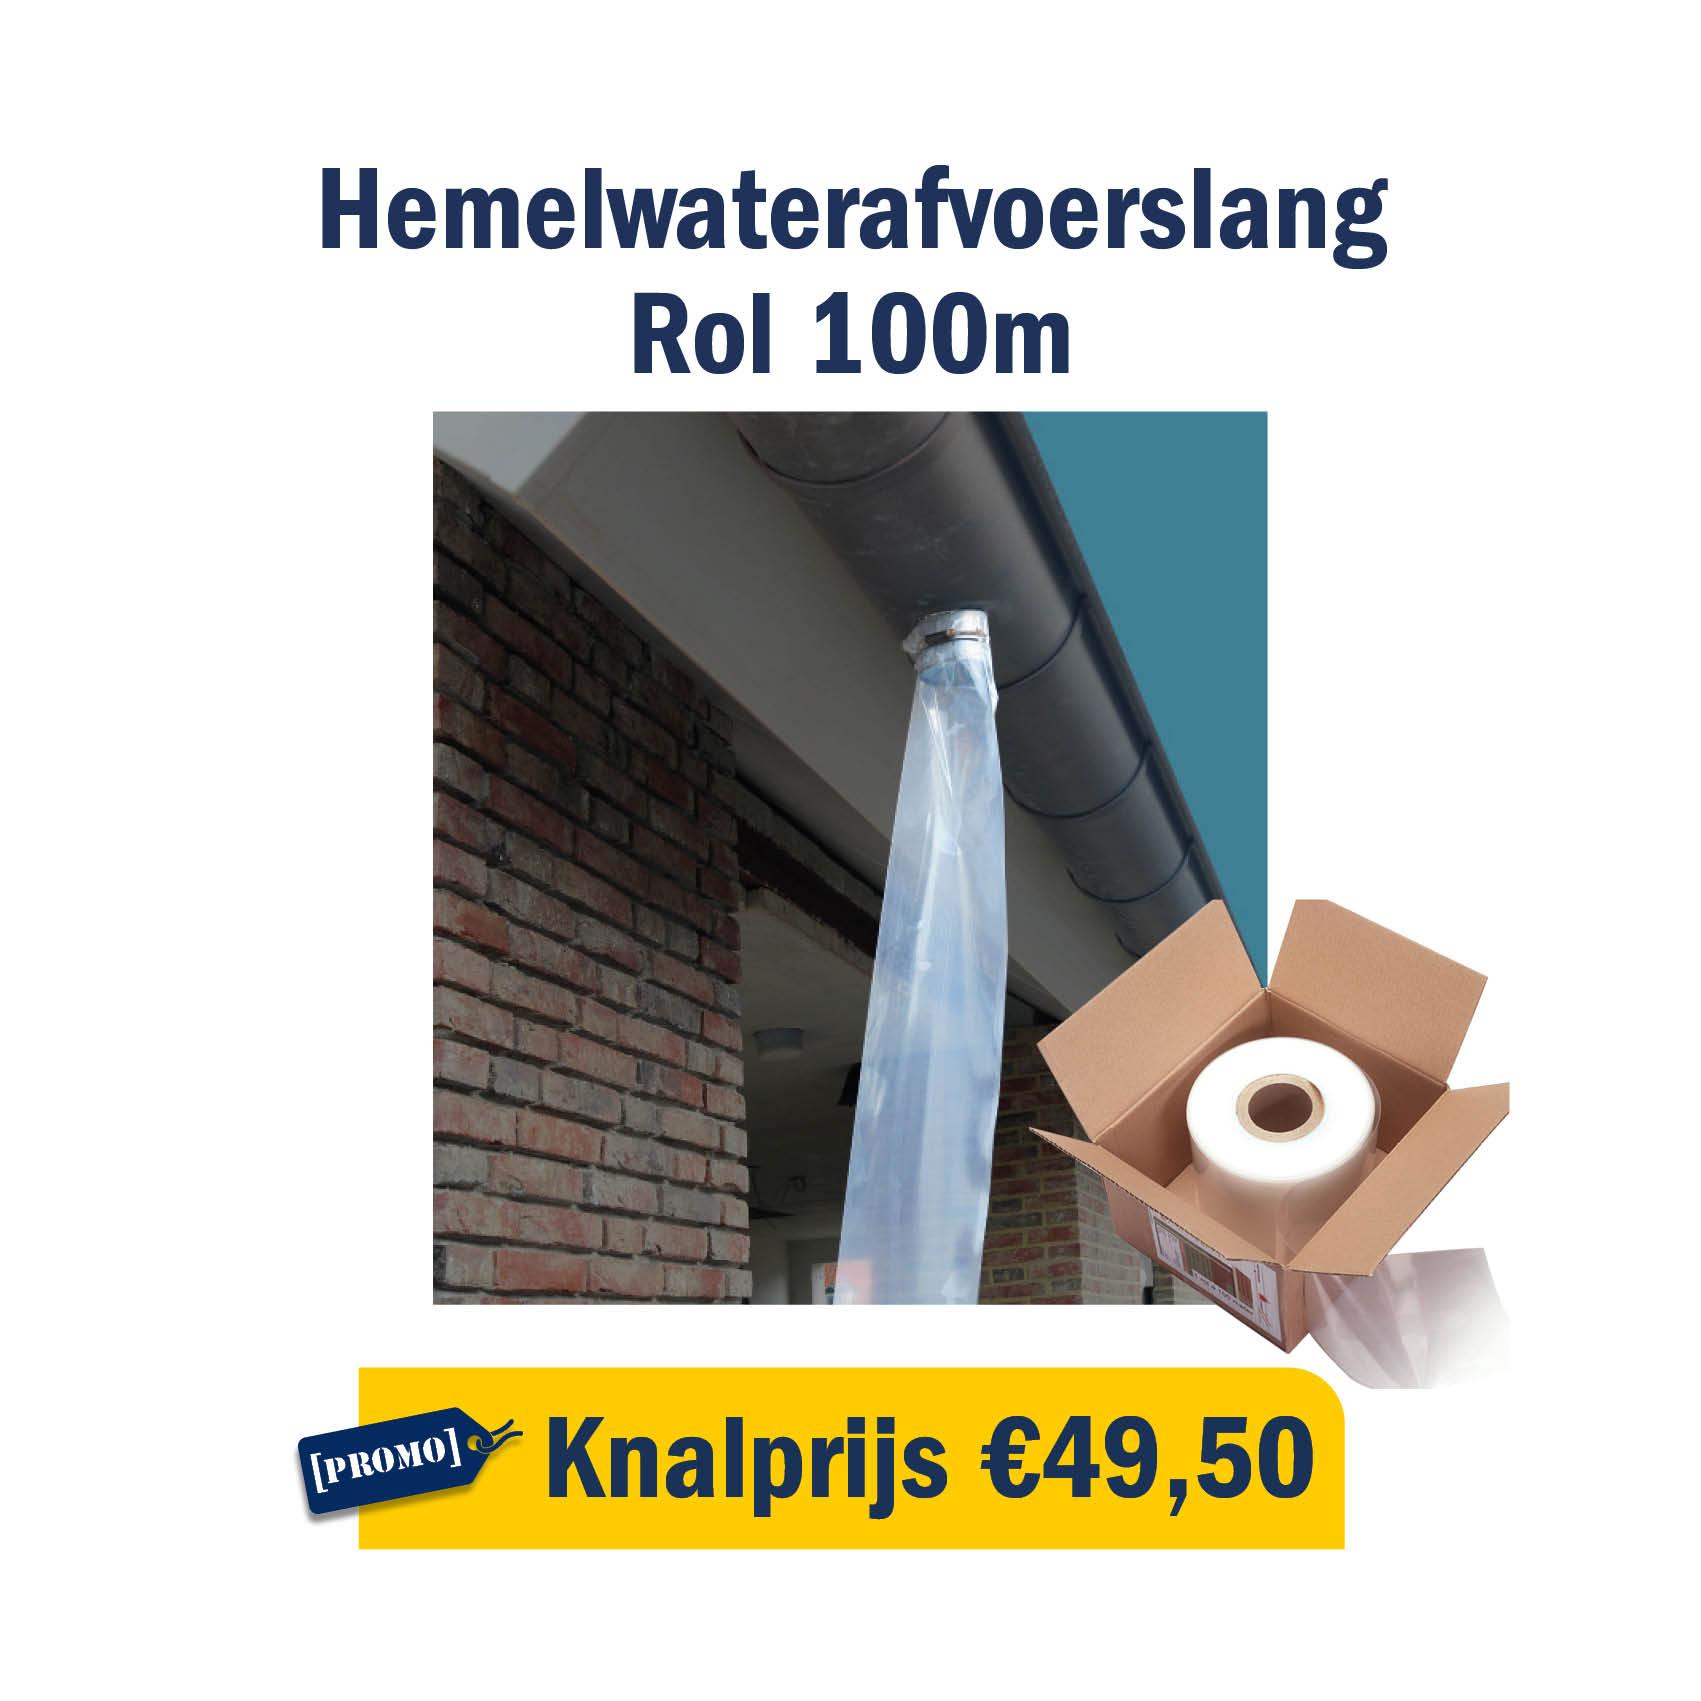 Hemelwaterafvoerslang: knalprijs van €49,50